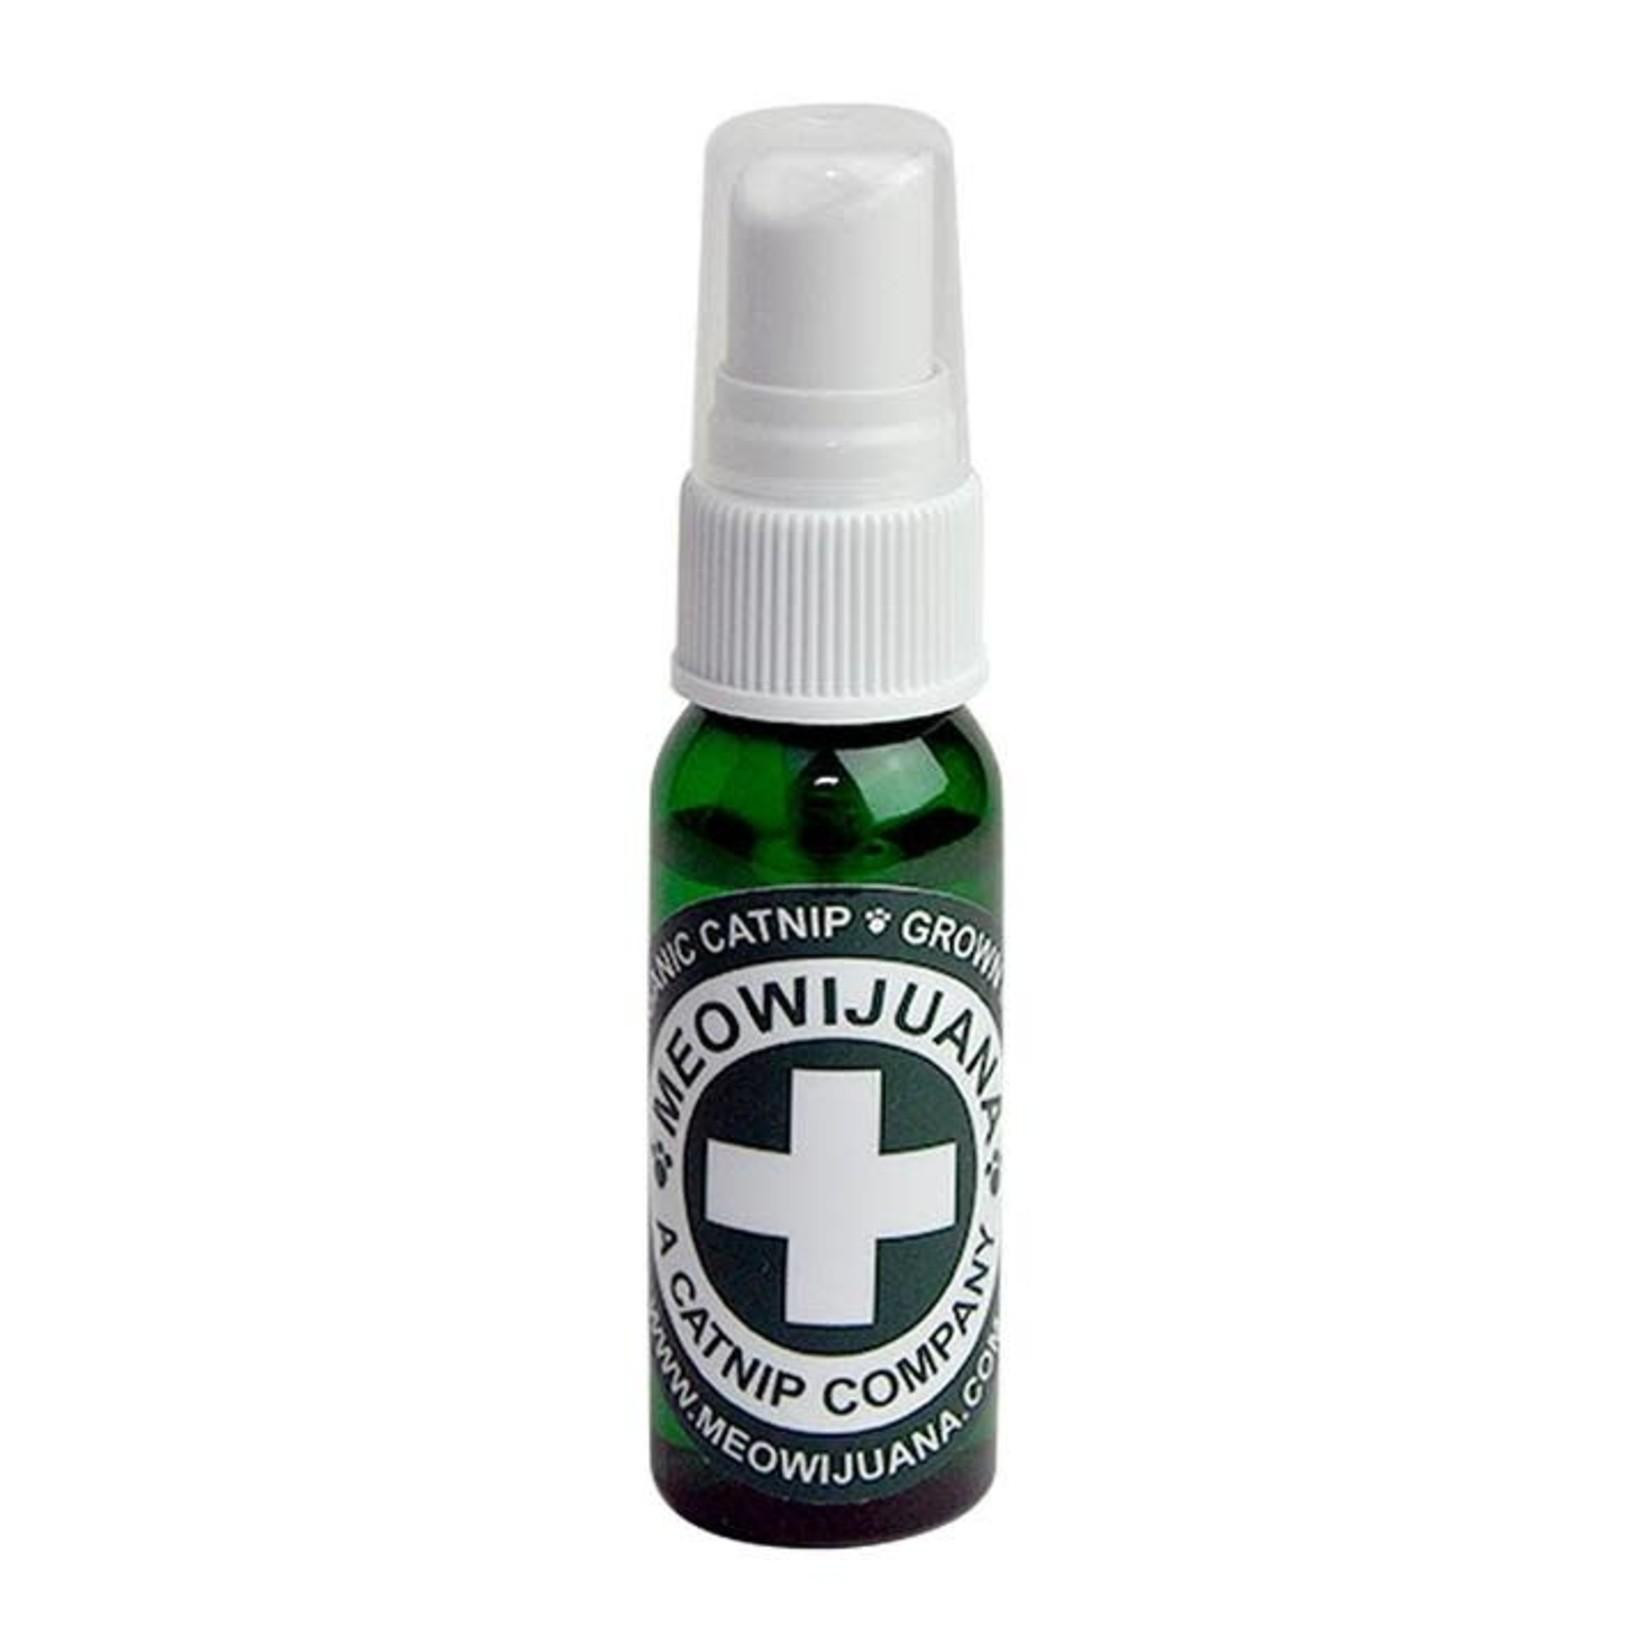 Meowijuana Meowijuana Organic Catnip Spray 1 OZ